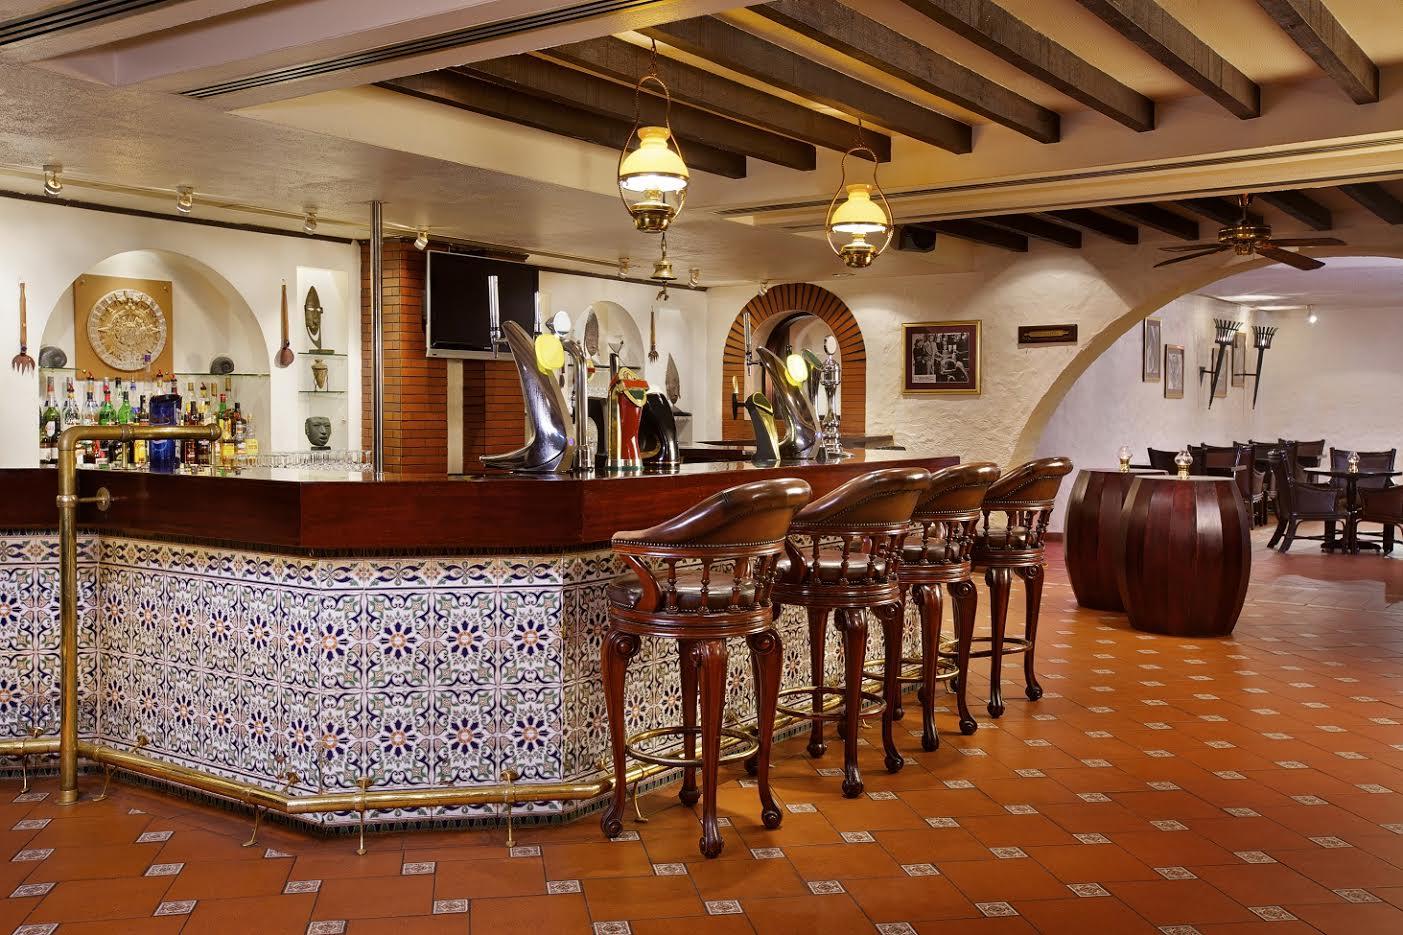 عروض مطاعم فندق هيلتون أبوظبي الكورنيش خلال سبتمبر 2016